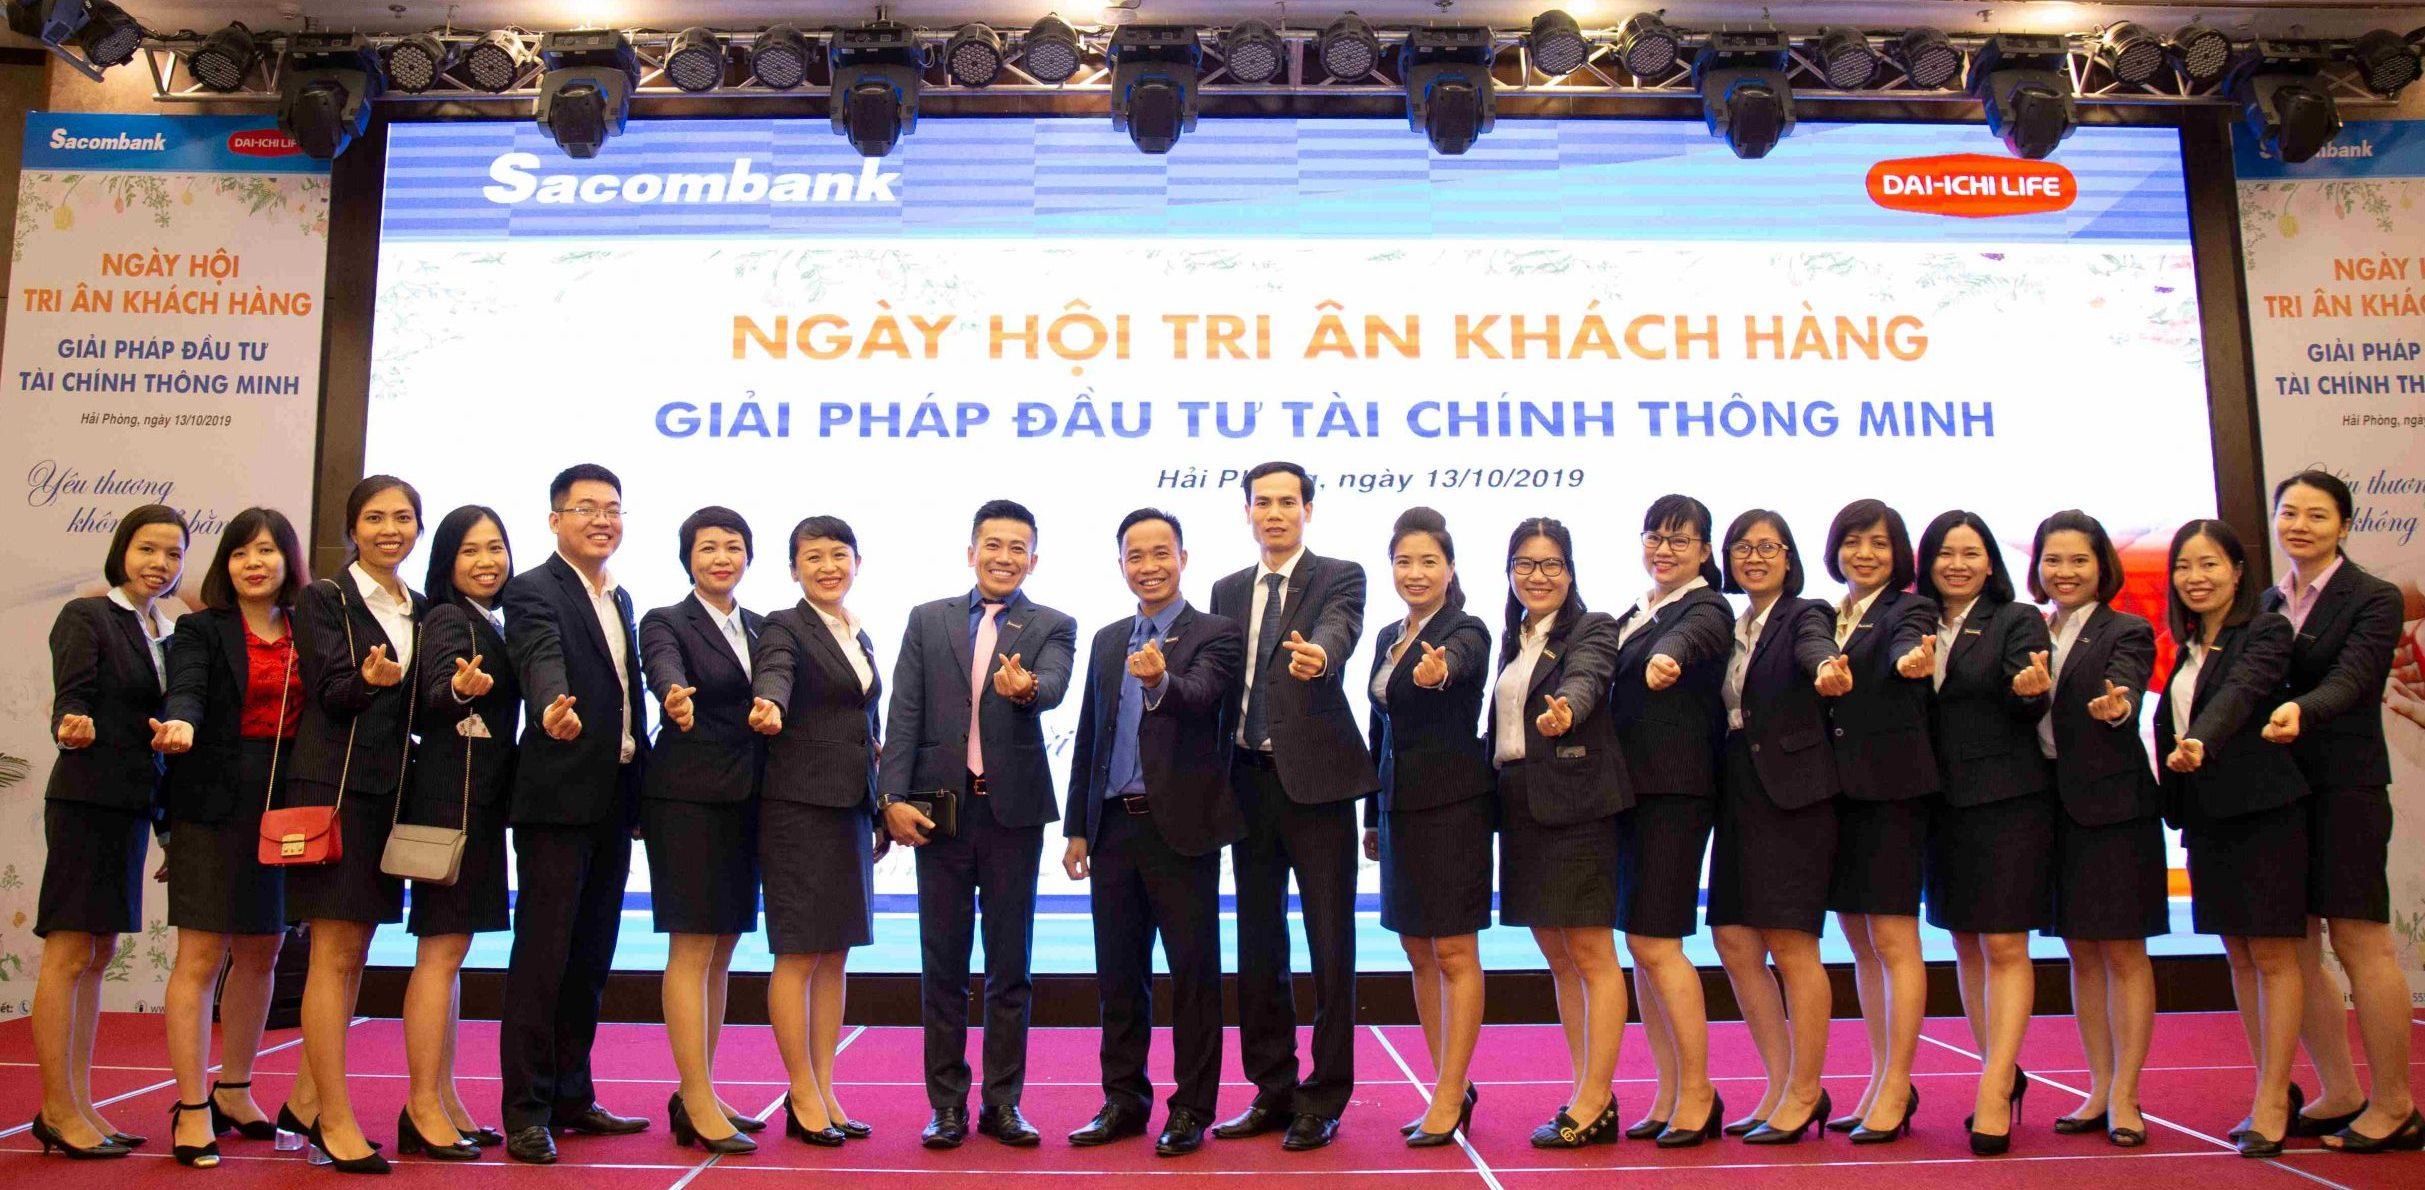 Chụp ảnh hội nghị tri ân khách hàng Sacombank Hải Phòng